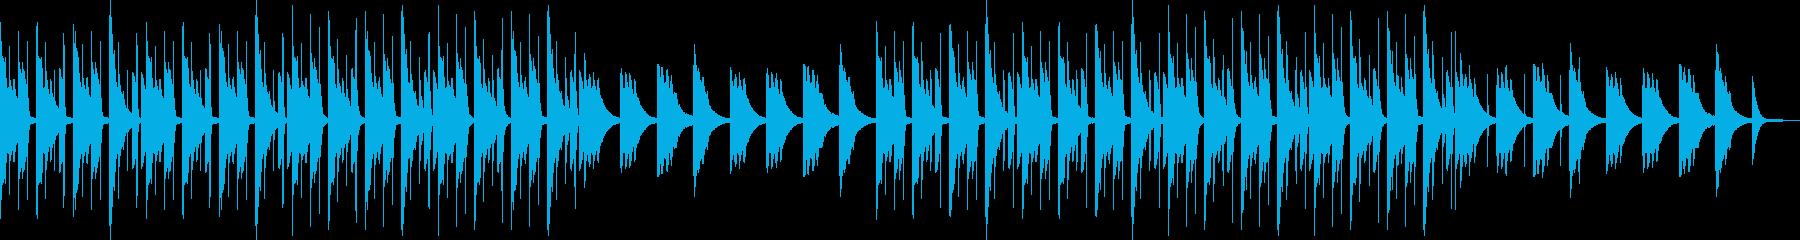 穏やかリラックス・チルアウトヒップホップの再生済みの波形